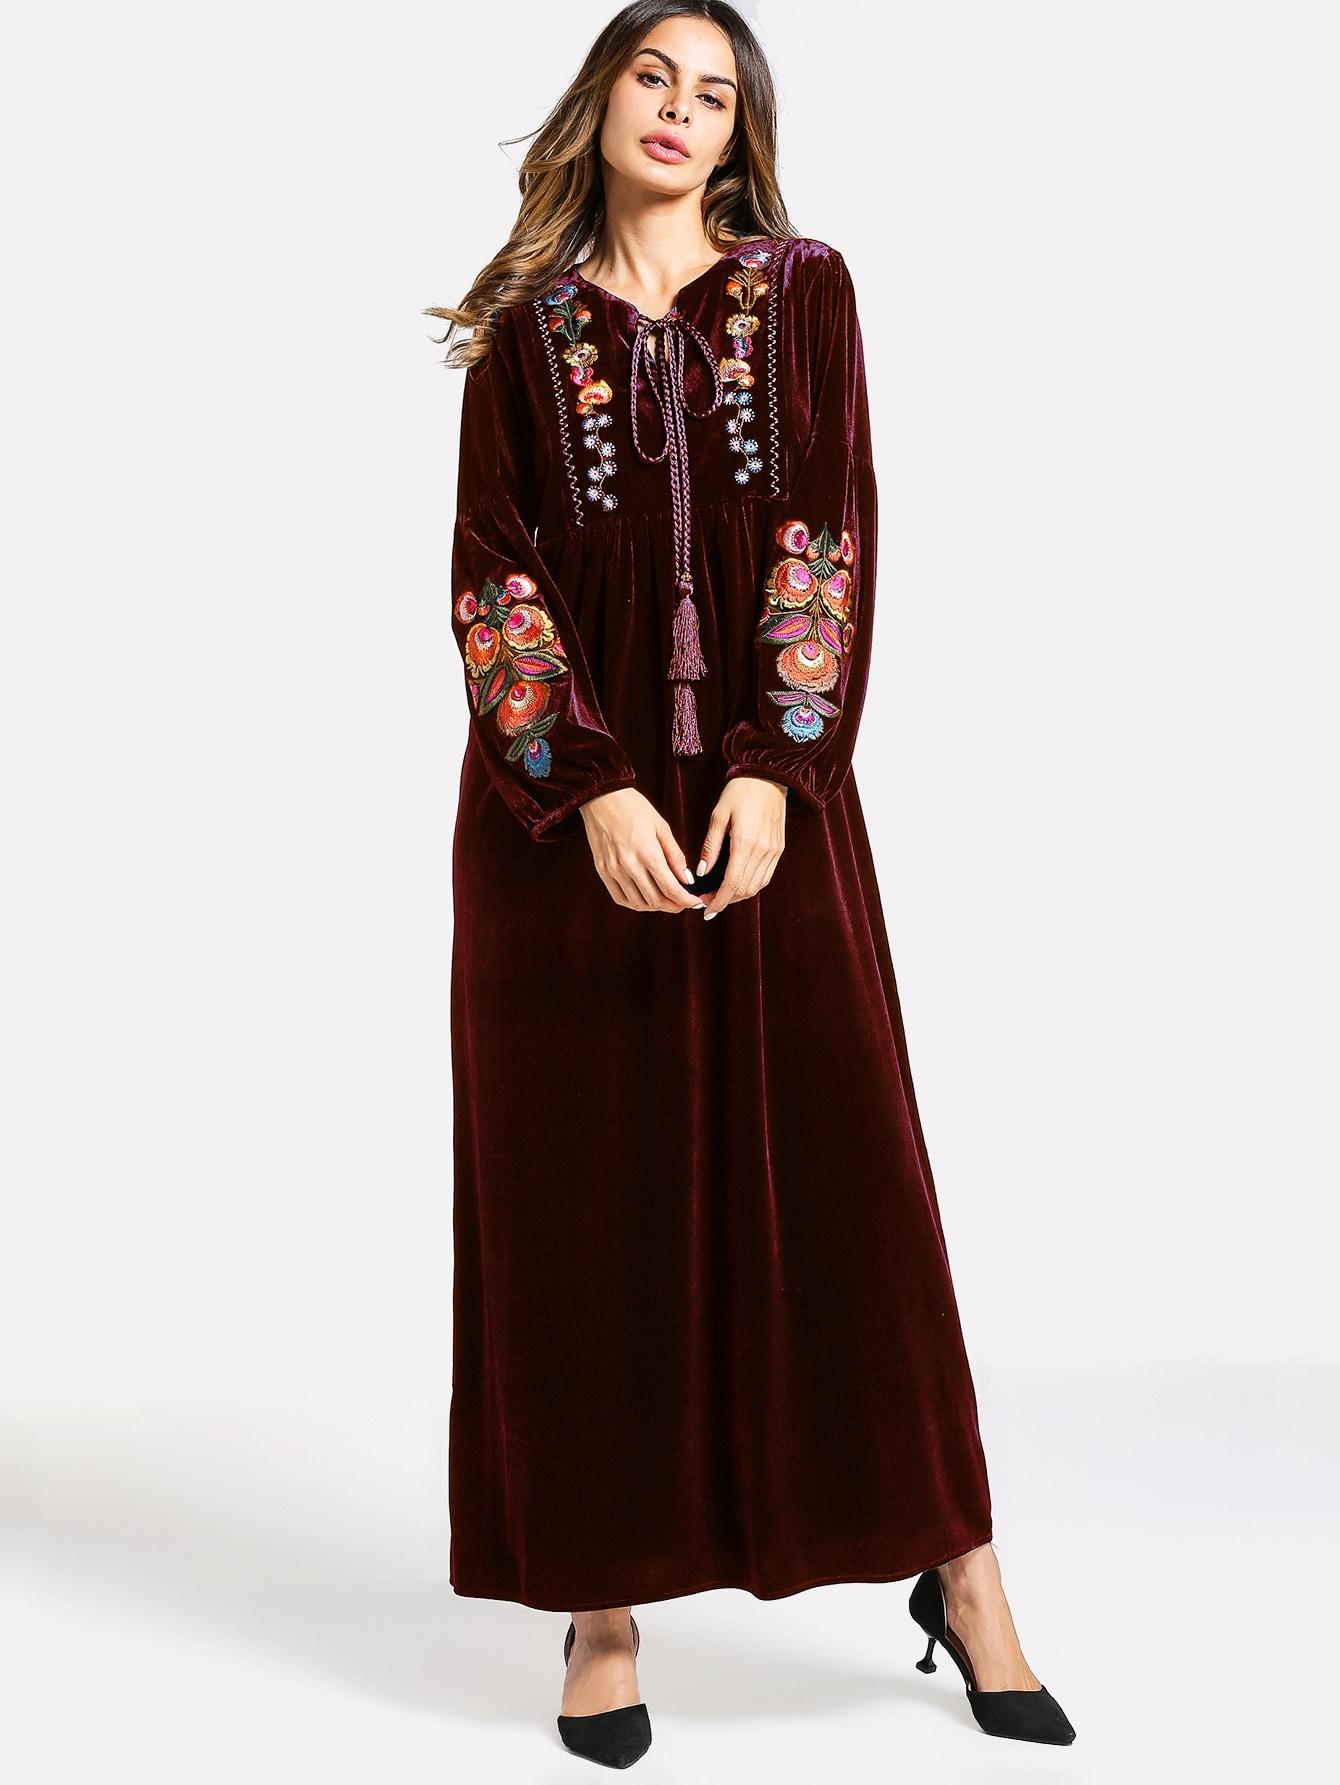 Tassel Tie Neck Embroidery Velvet Dress